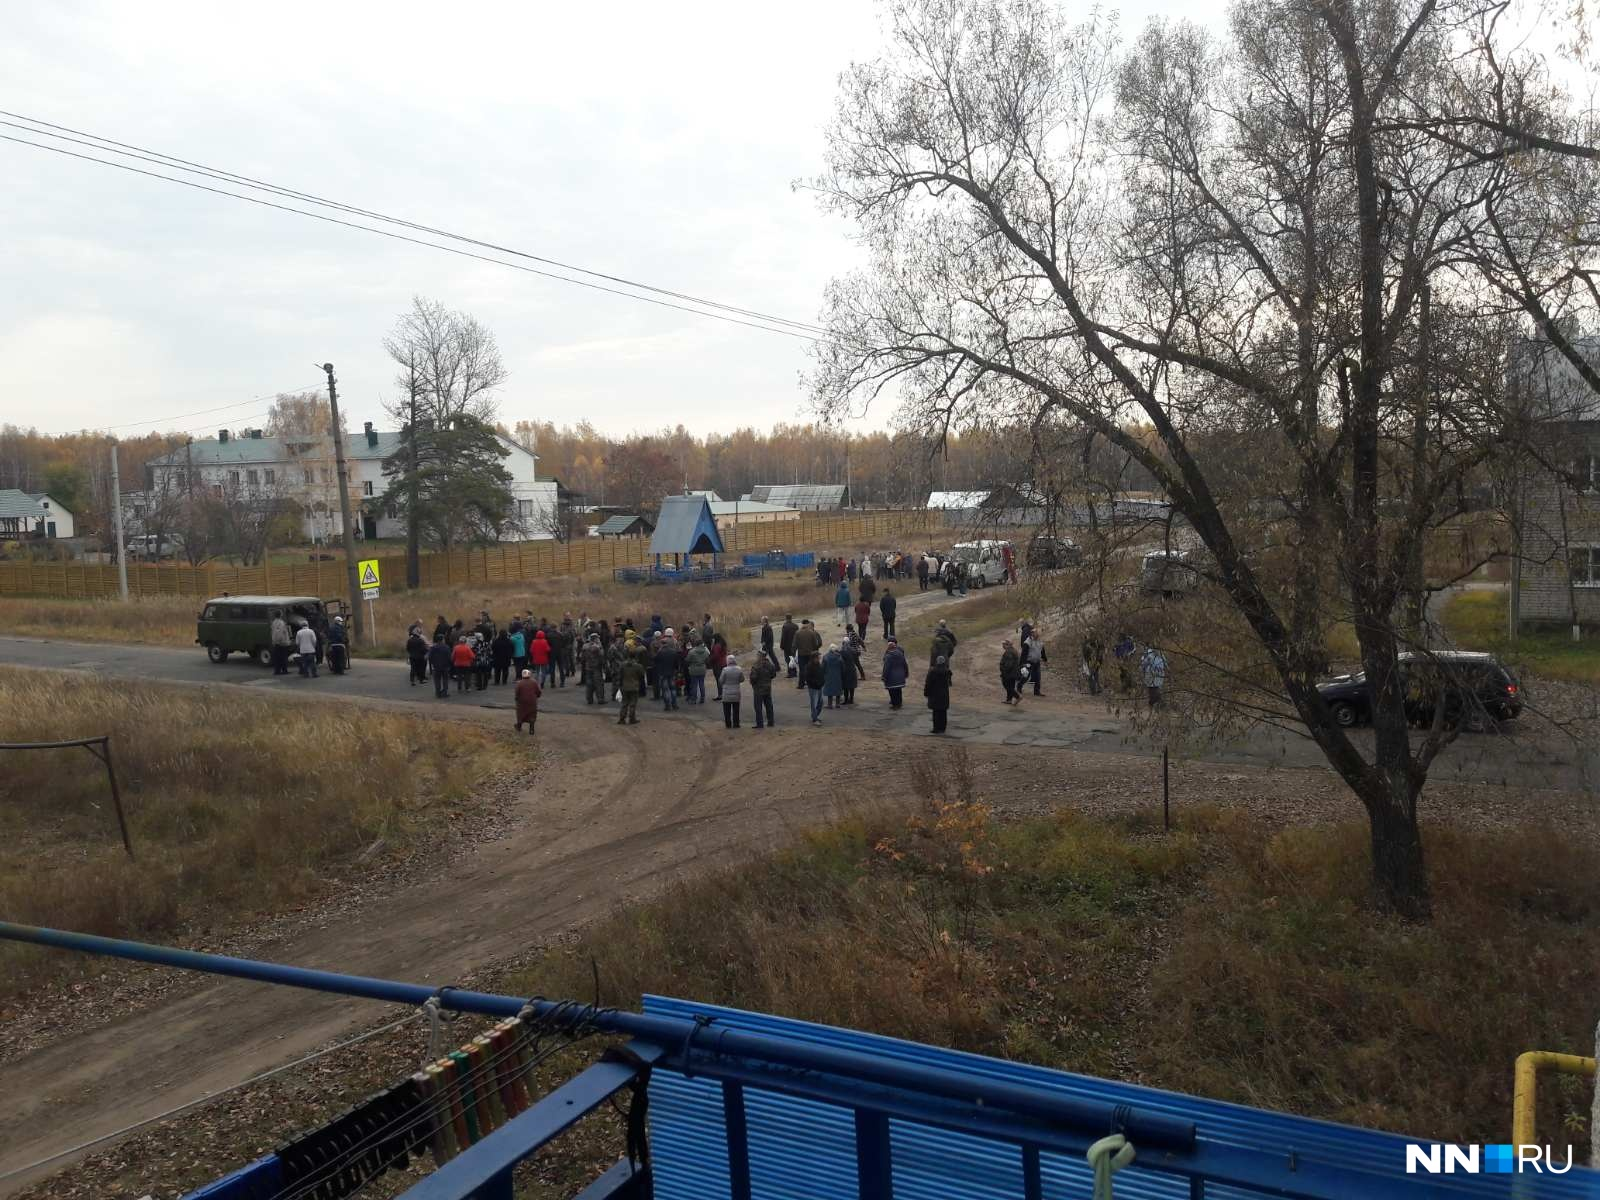 Жители вышли на улицу, чтобы проводить погибших в последний путь